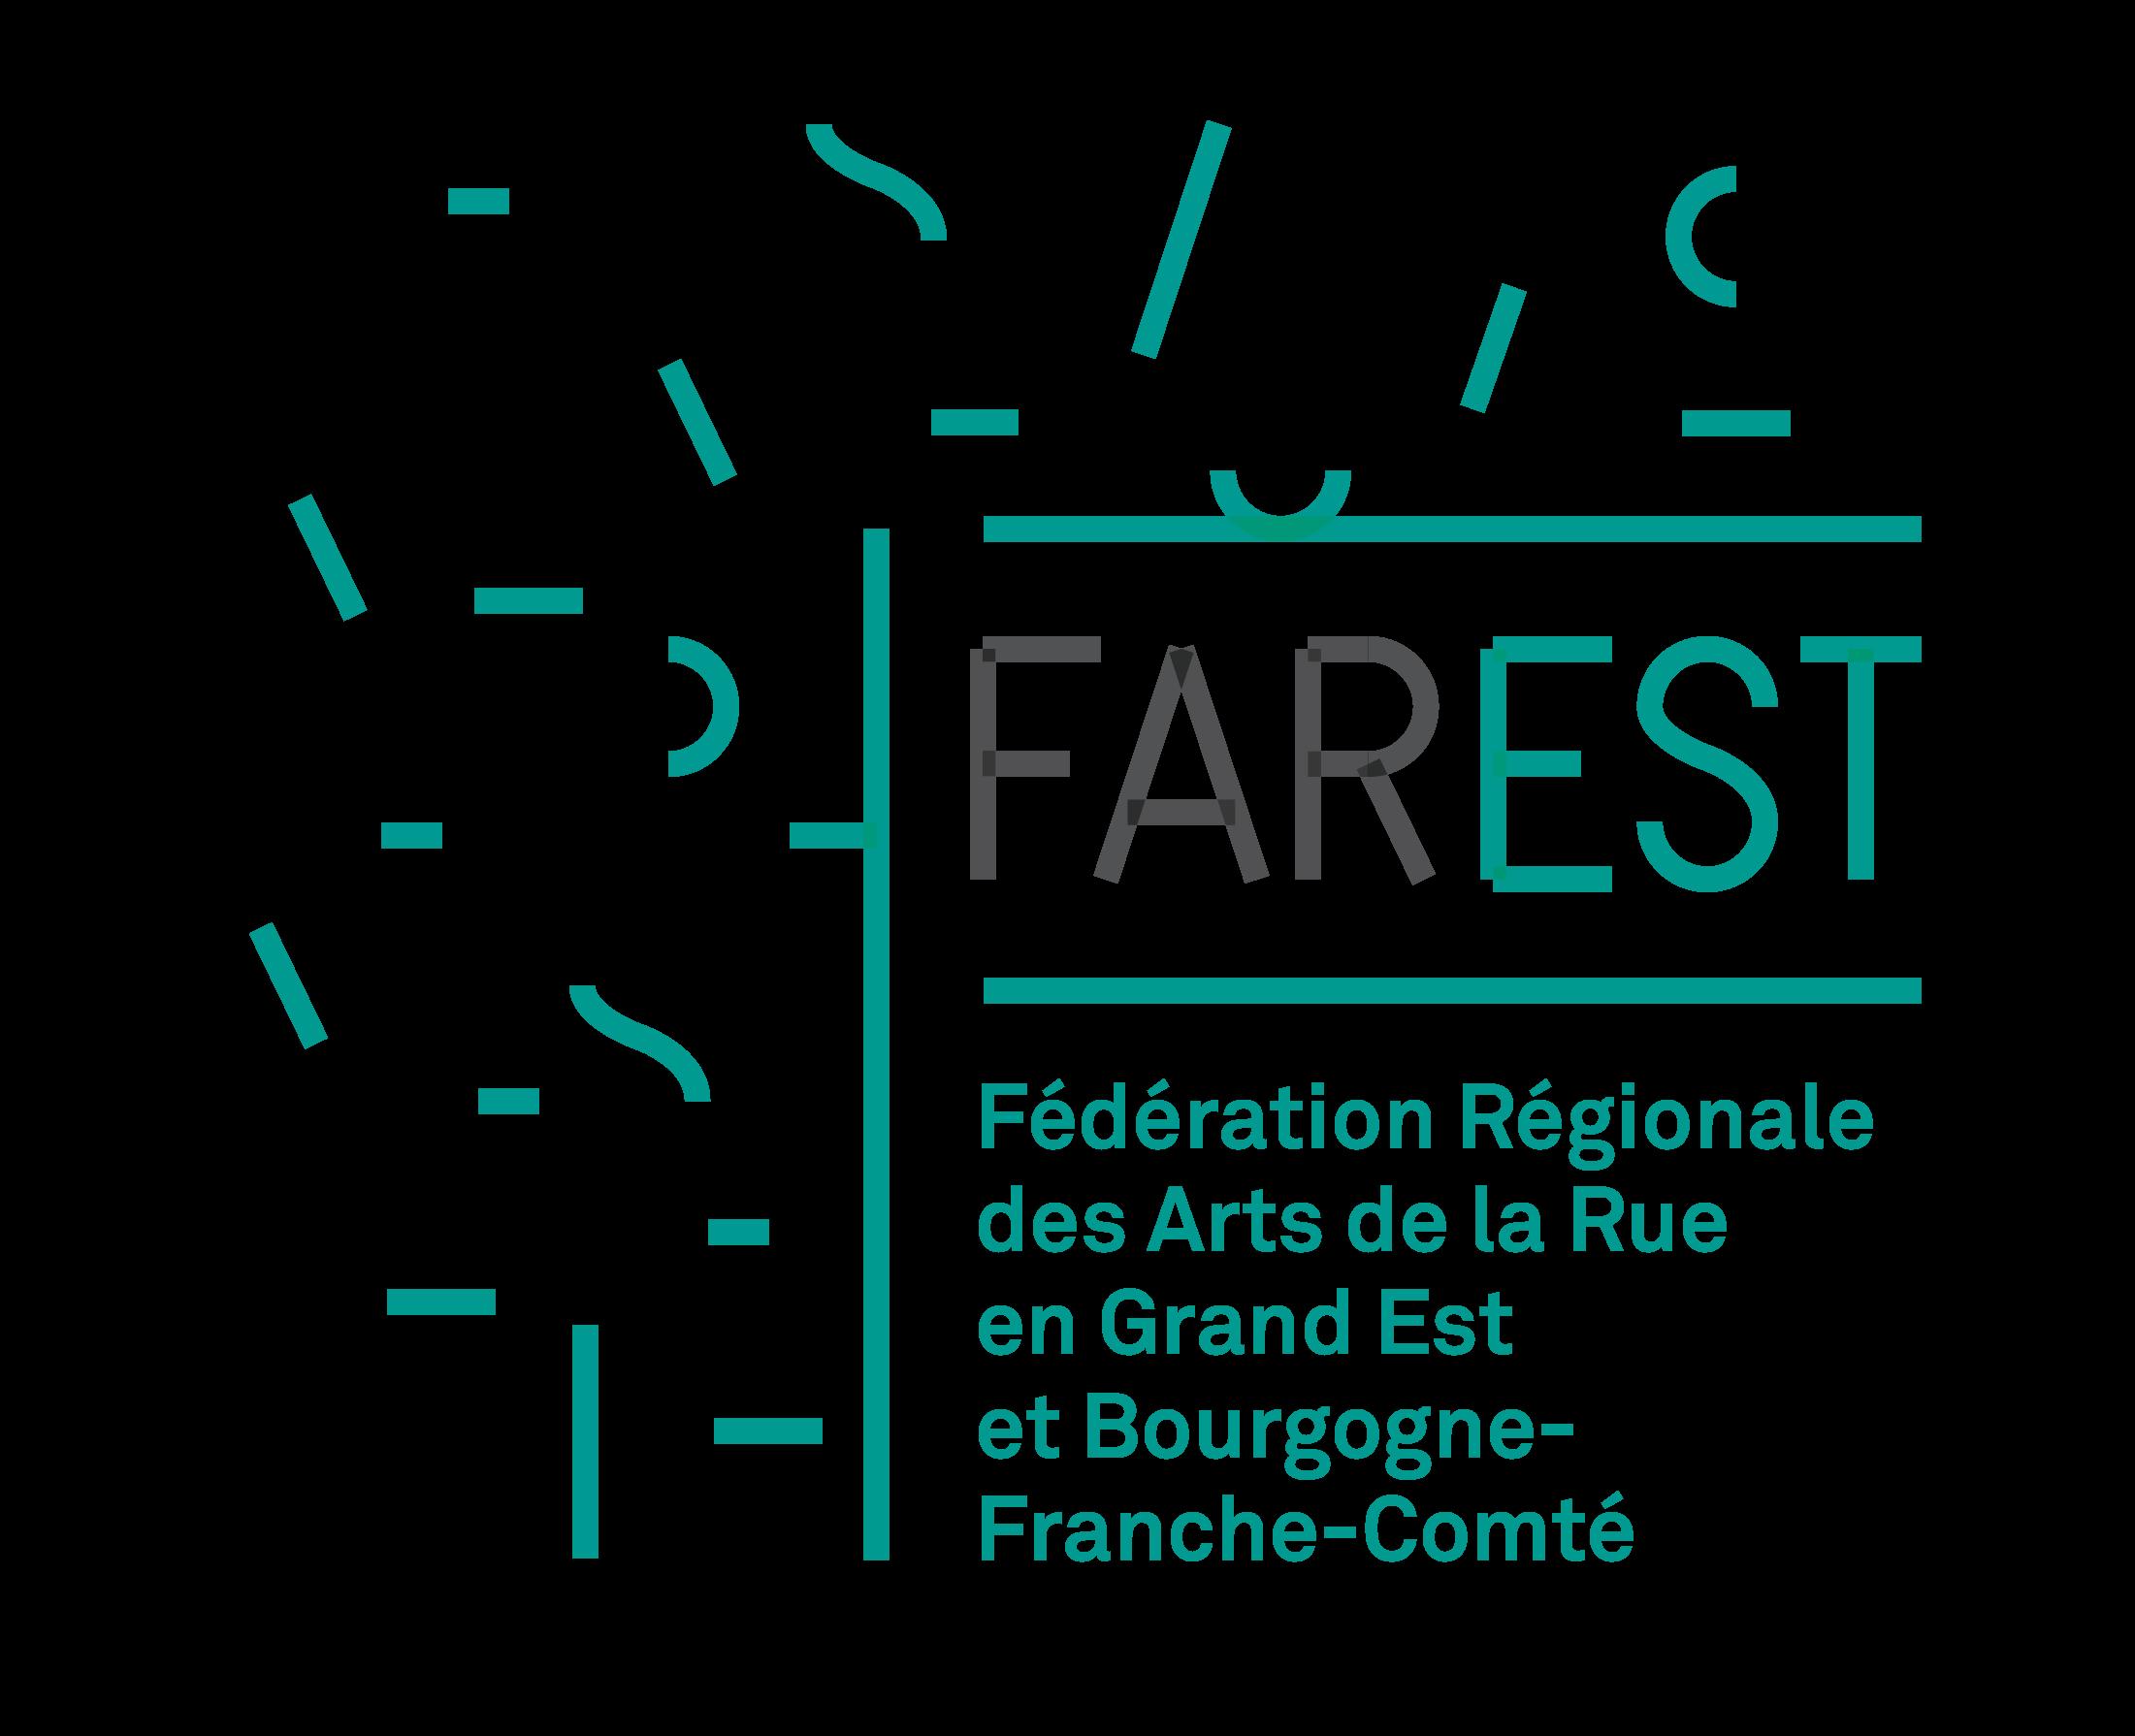 Farest (Fédération des Arts de la Rue Grand Est)